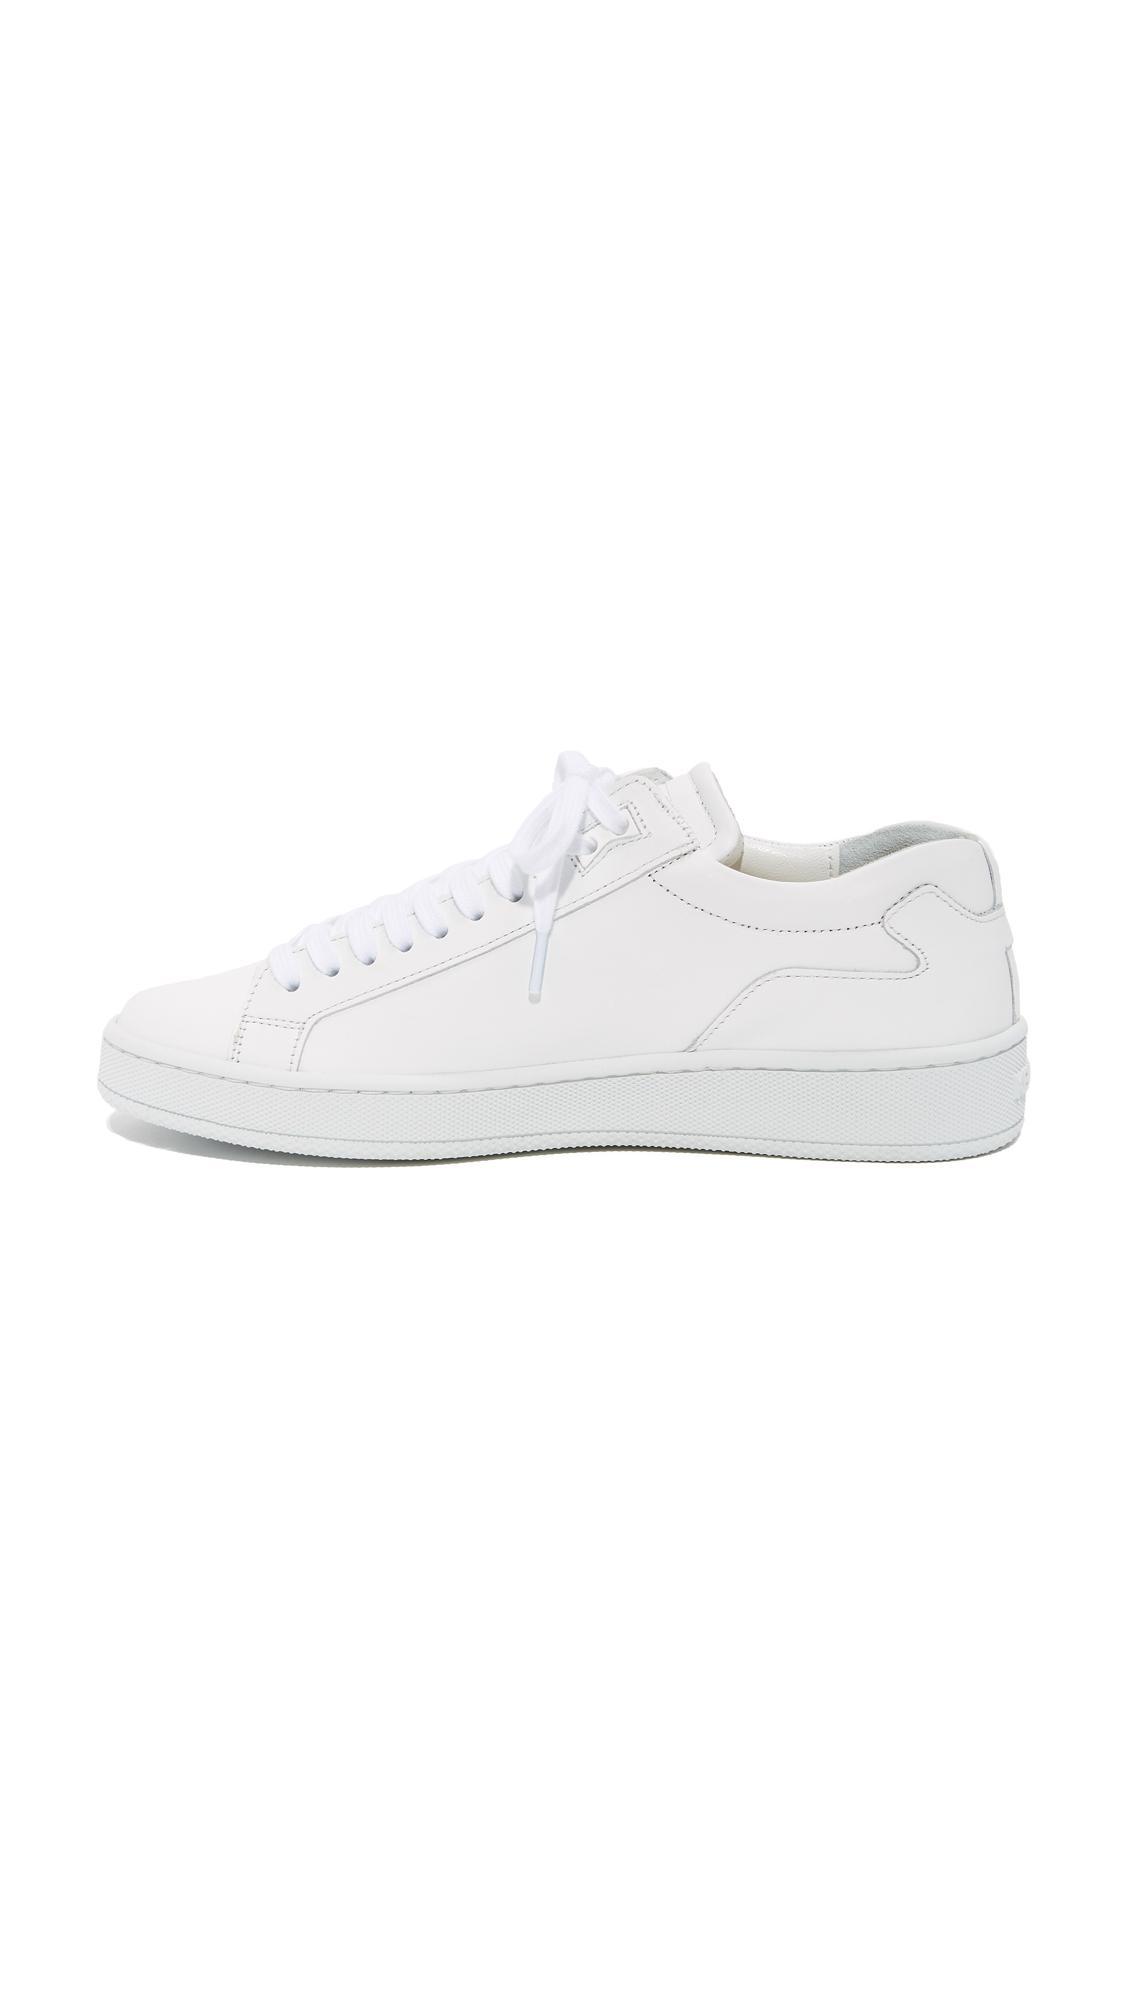 BuscemiTennix sneakers Officiel De Vente Pas Cher NfLzsZq